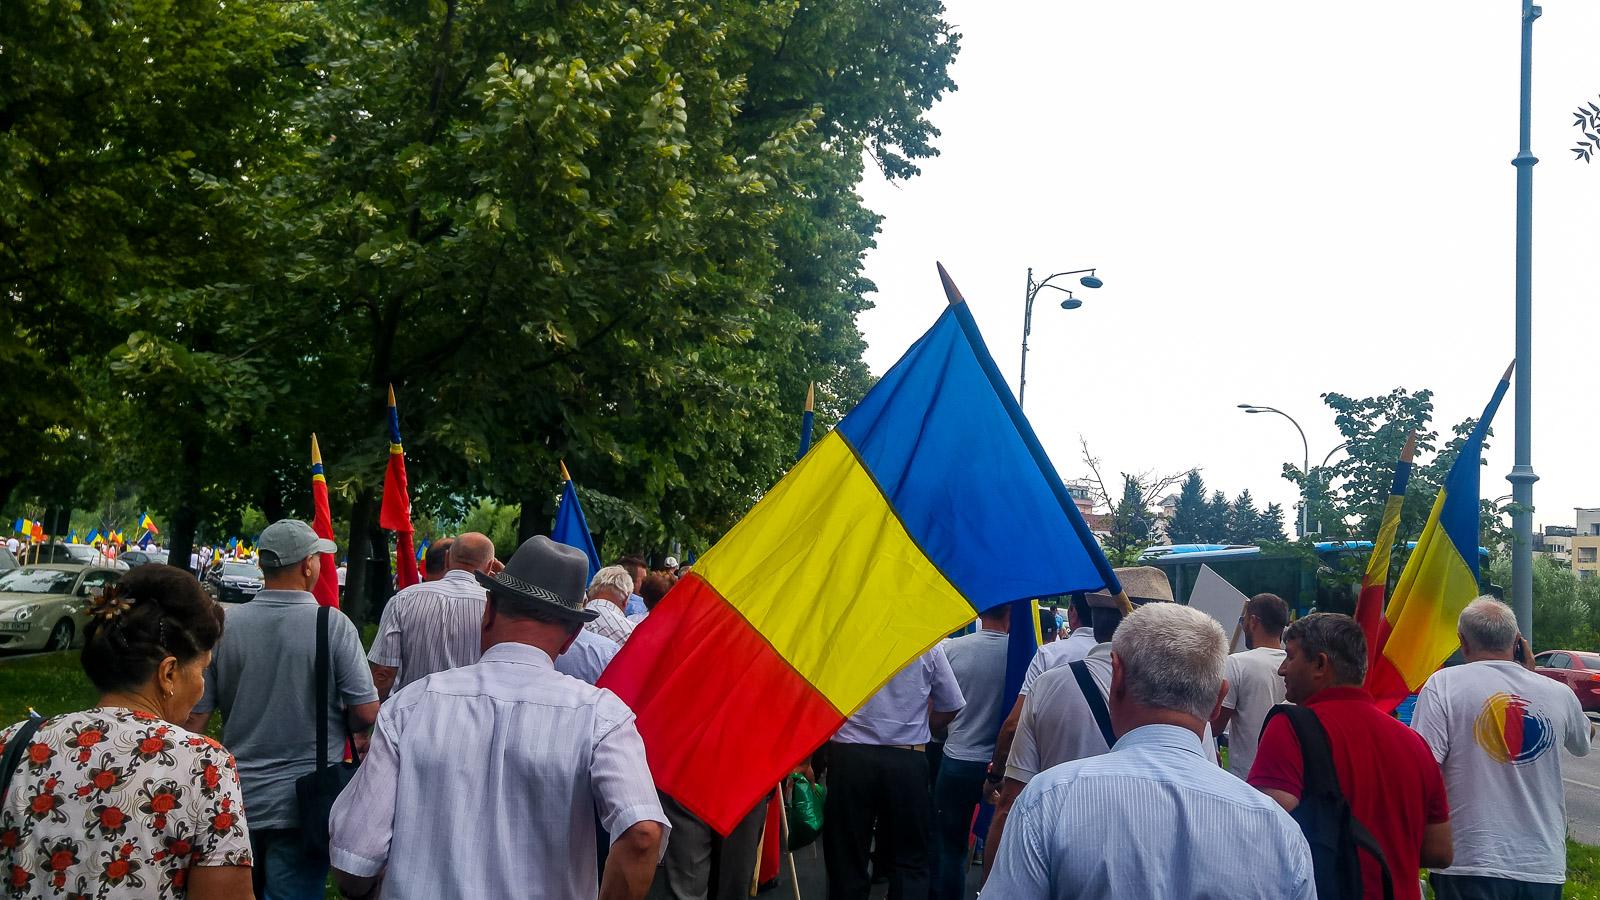 Dragnea - Cine va pierde de pe urma mitingului PSD-ALDE - Pagina 2 1528640419081-Miting-PSD-oamenii-din-Vaslui-12